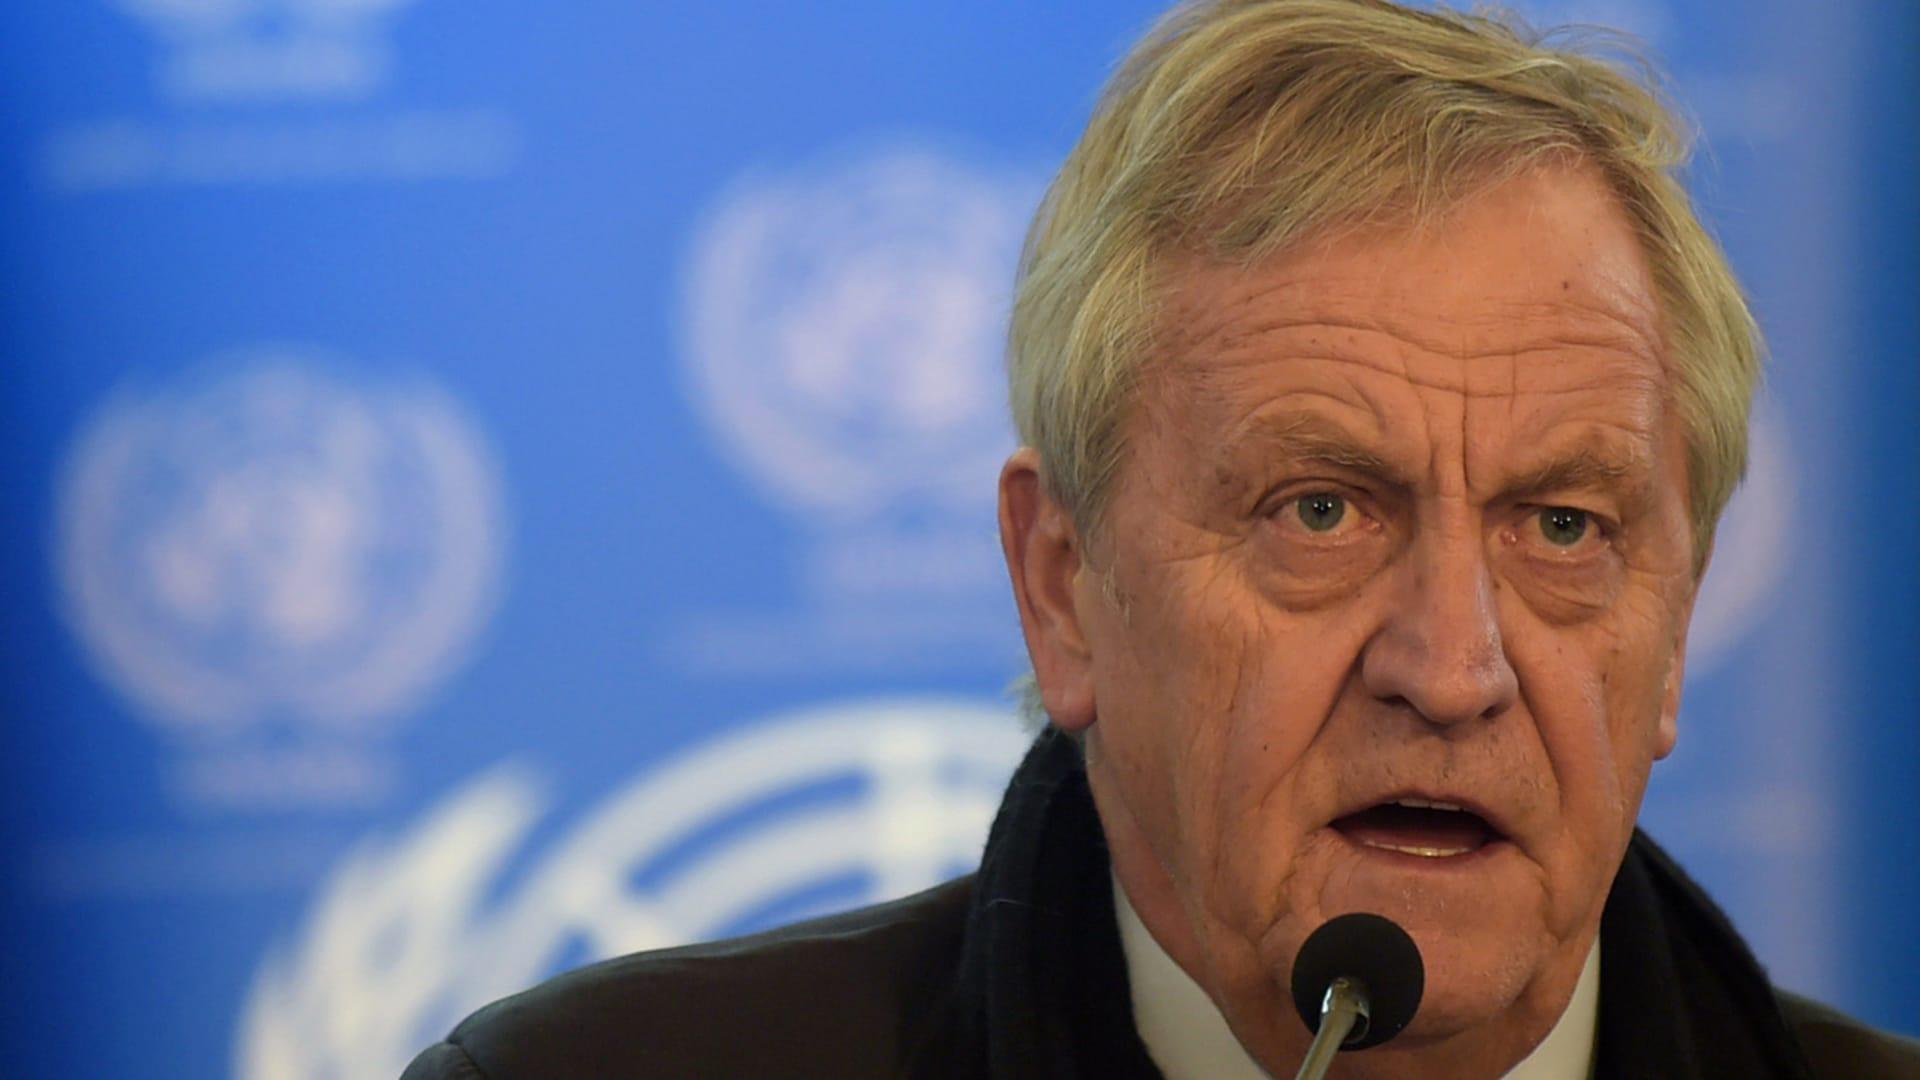 خارجية الصومال توضح سبب اعتبار المبعوث الأممي فيها شخصا غير مرغوب به